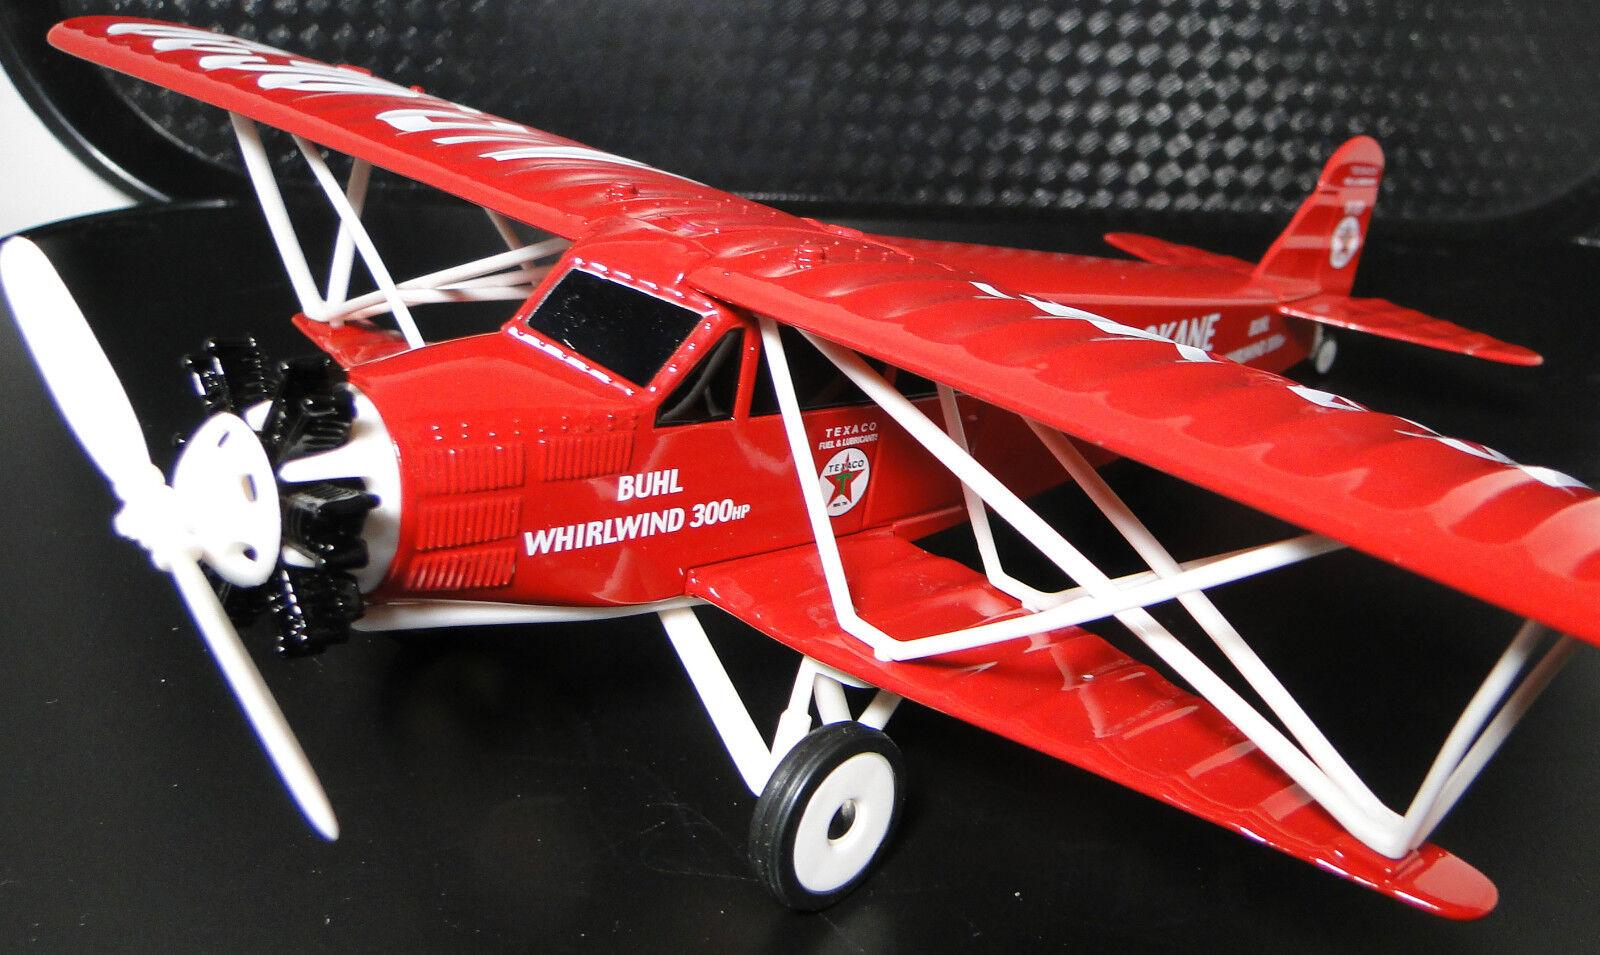 flygagagplan Militär modellllerl tärningskast Armor WW1 årgång 1 48 Karusell Röd b17